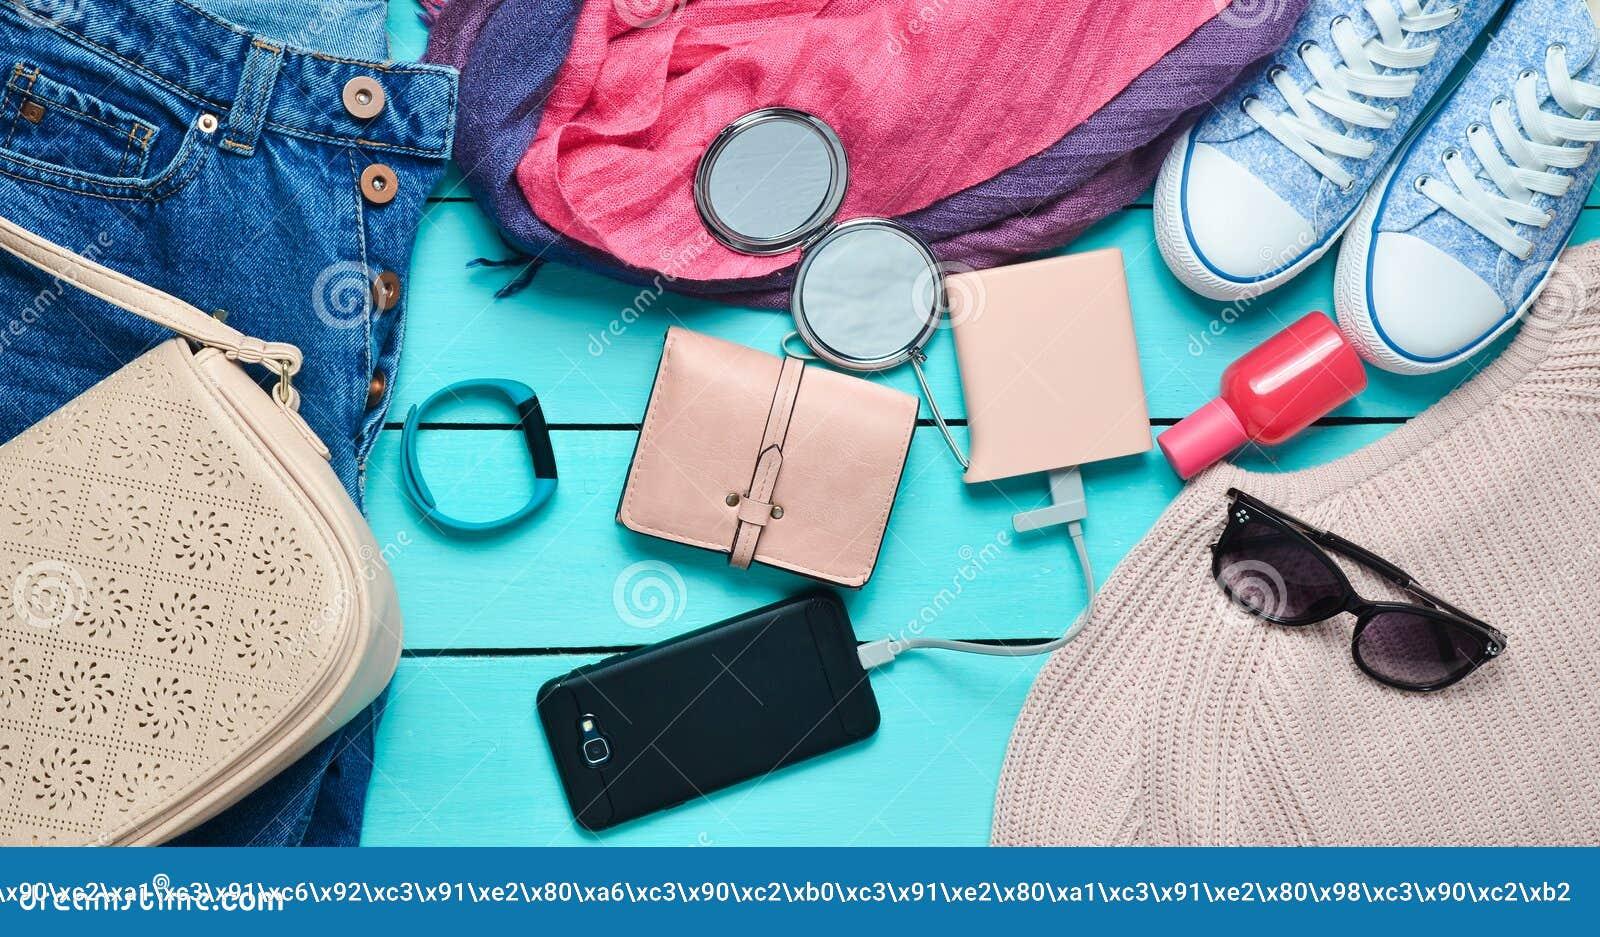 Accesorios Moda Las De MujeresZapatosRopa Artilugios Y uPXikZ